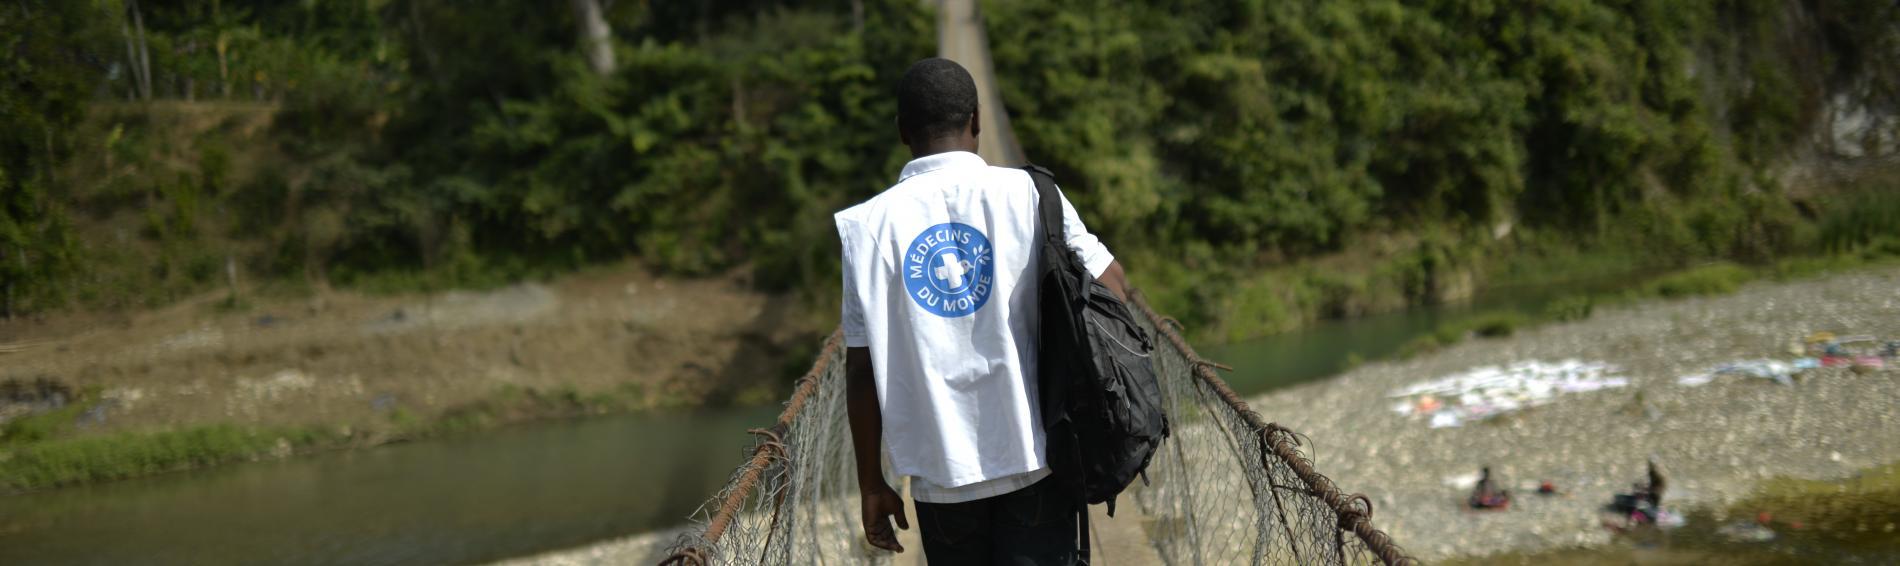 In Haiti überquert einen Ärzte der Welt Mitarbeiter der Fluss Grand'Anse. Foto: Benoit Guenot